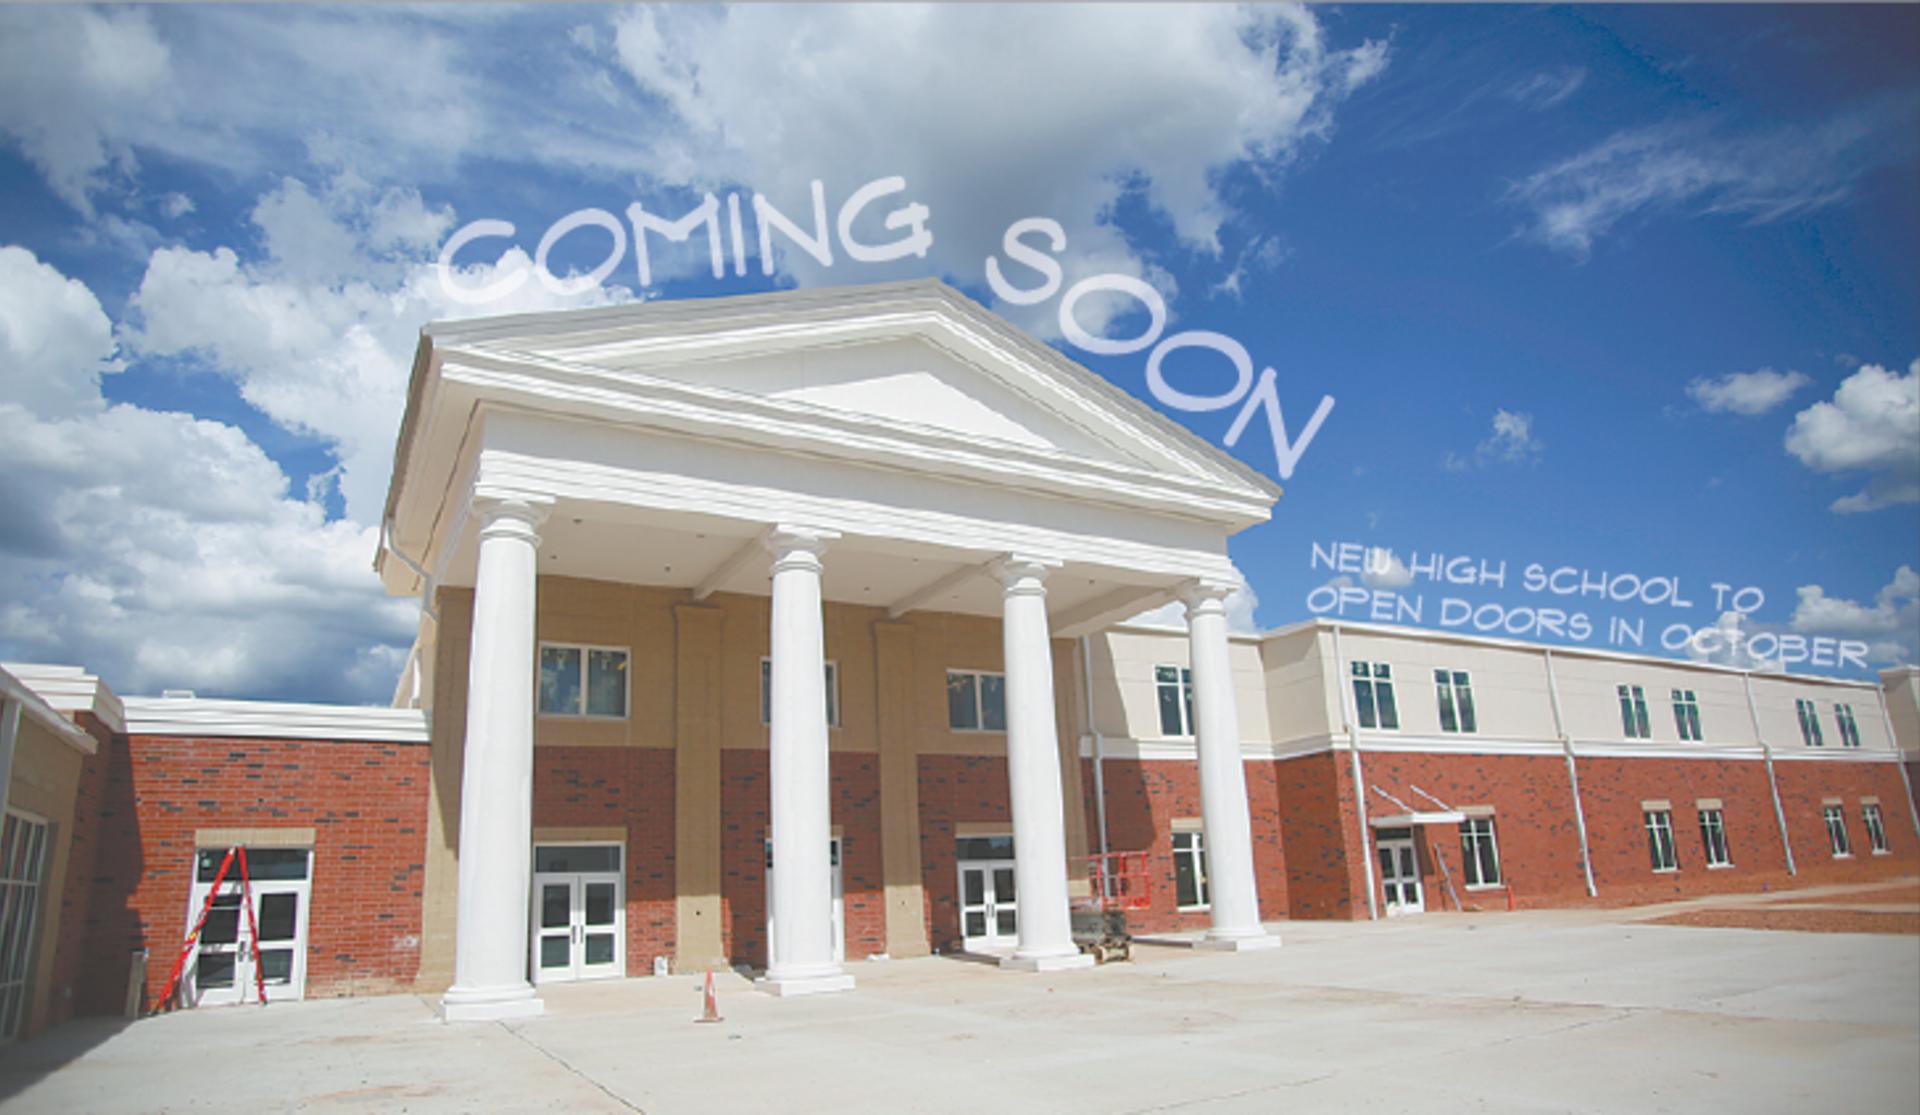 New High School to open doors in October